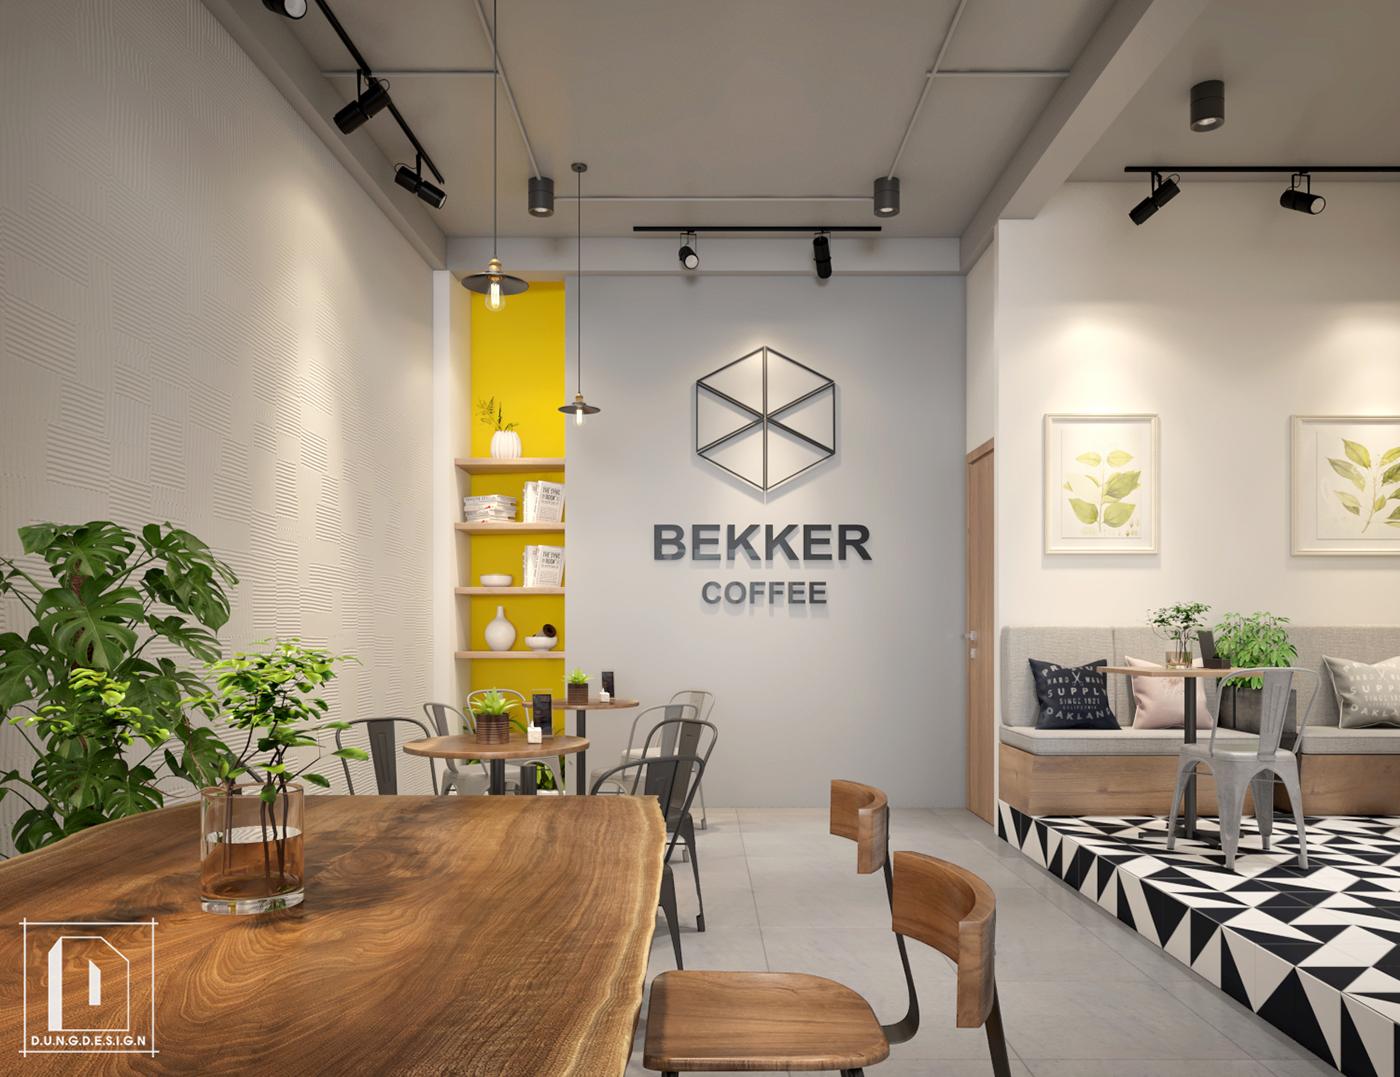 thiết kế nội thất Cafe tại Hồ Chí Minh Bekker Coffee 10 1538453263